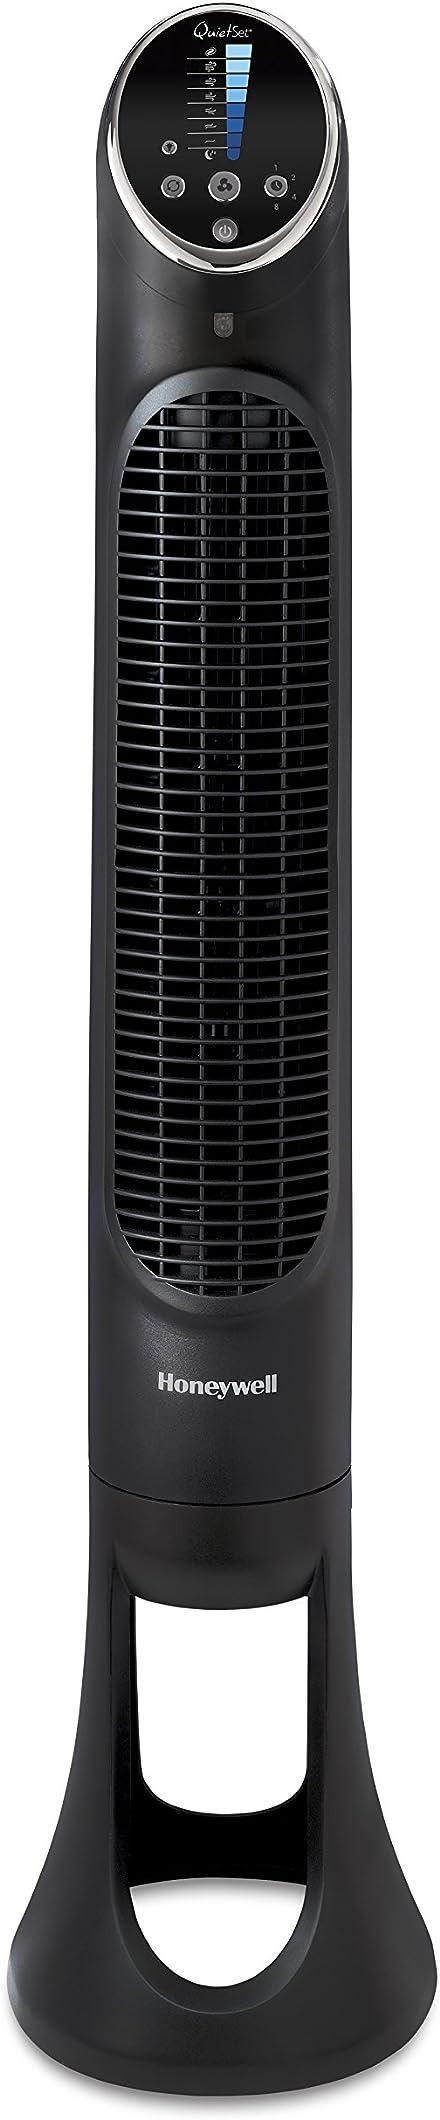 Ventilatore, nero honeywell hyf290e4 lampa